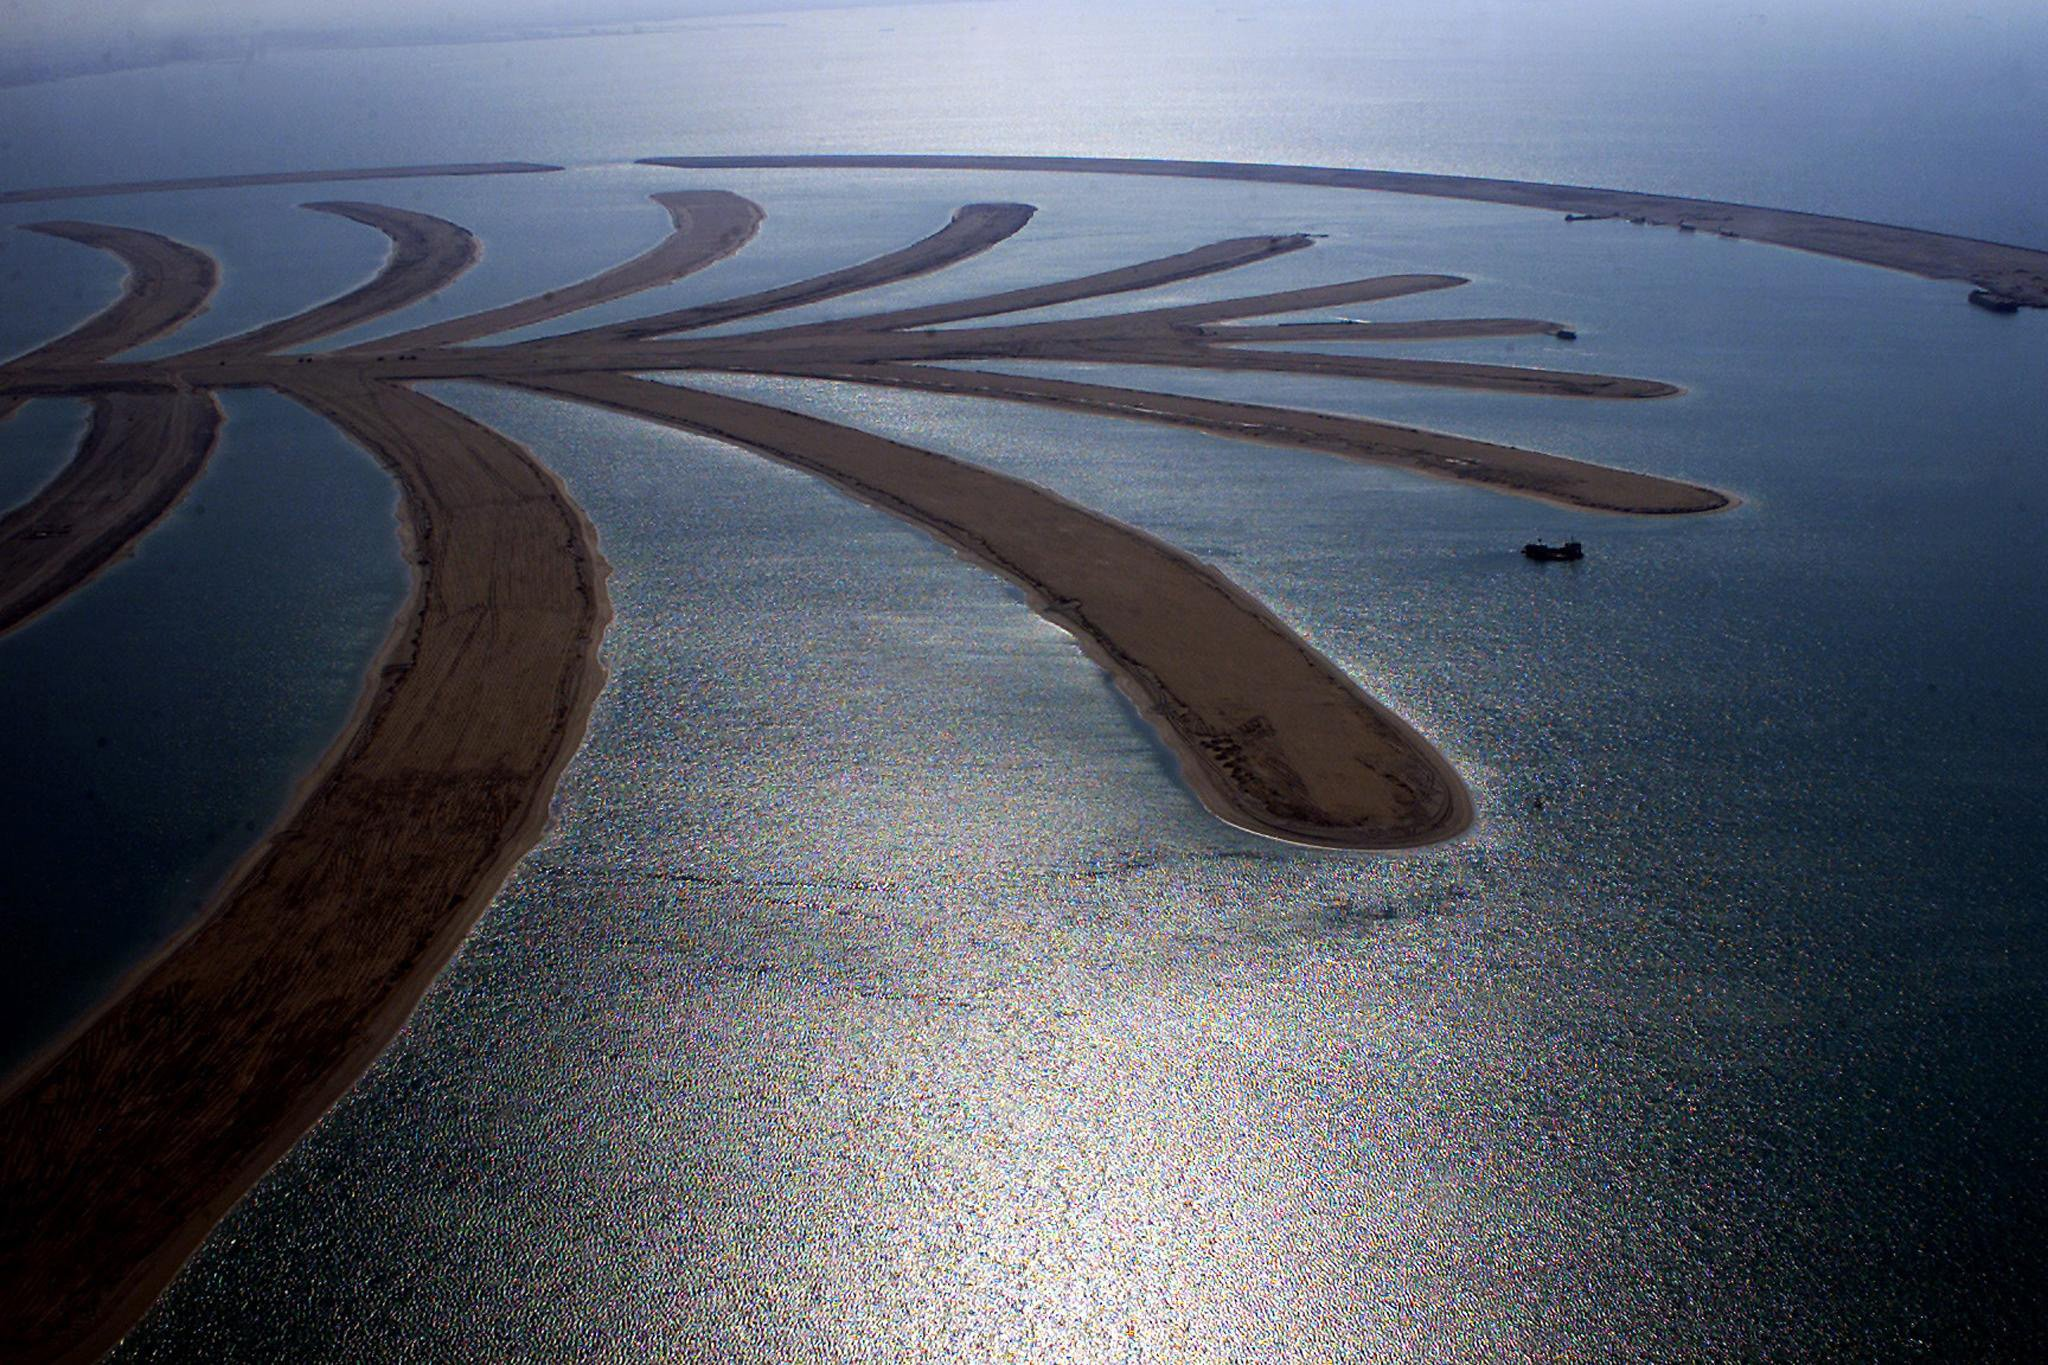 Preocupación en Asia por proyectos de China para construir islas artificiales